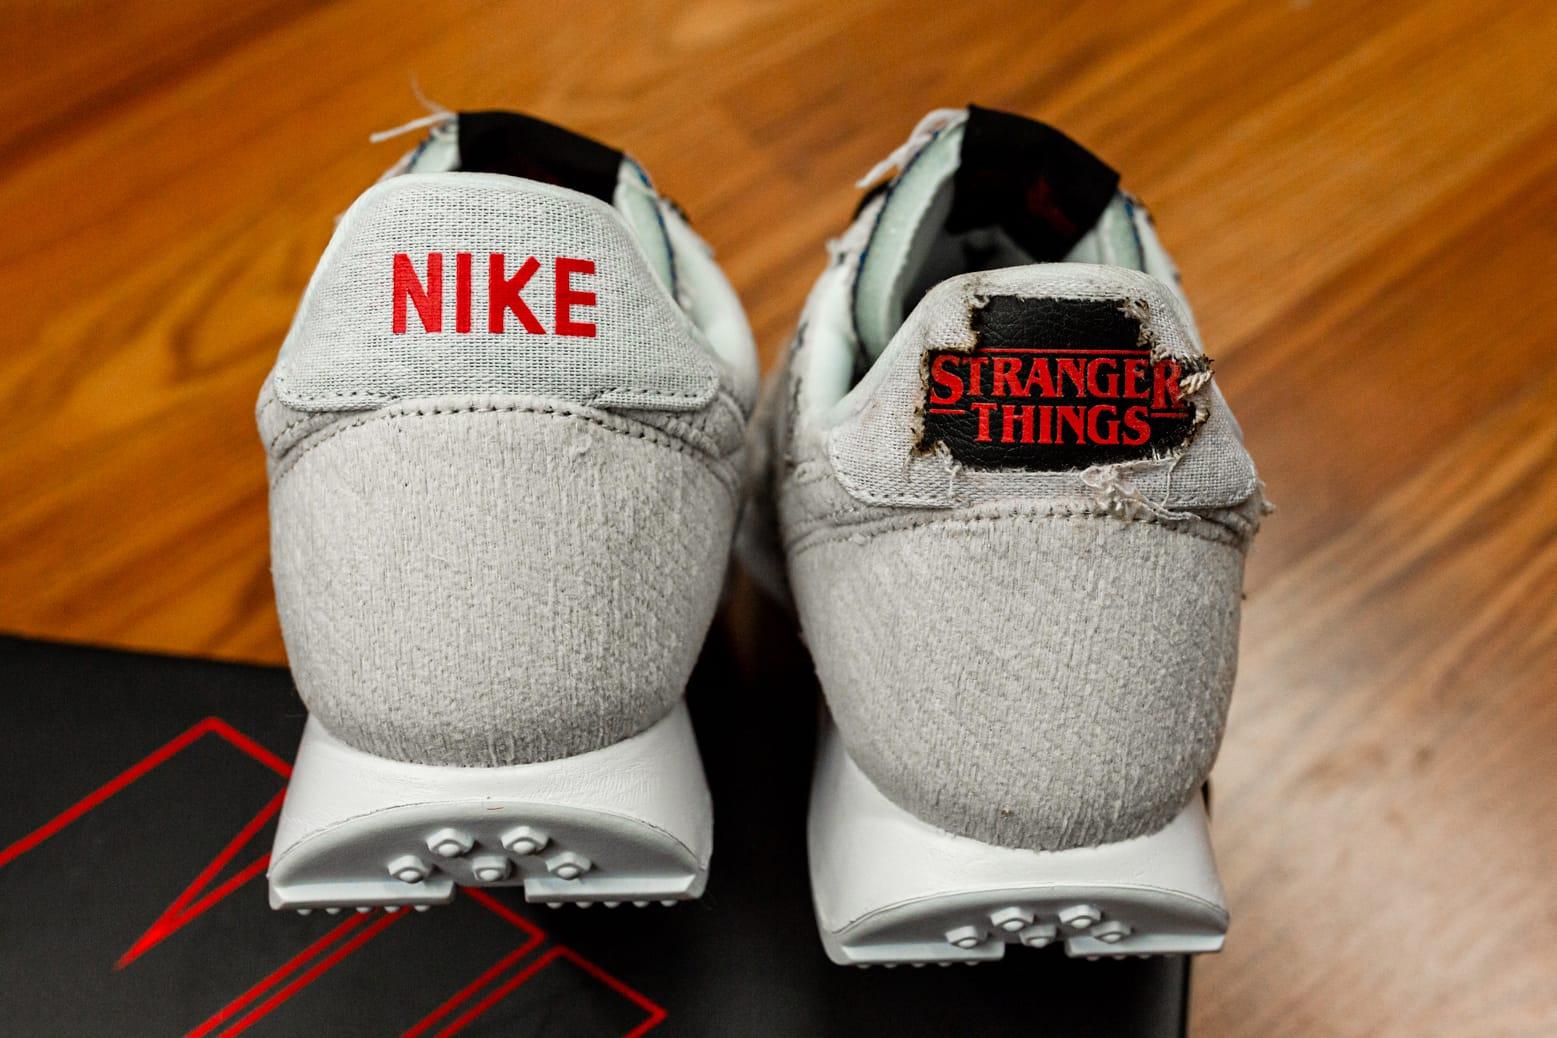 隱藏版《Stranger Things》x Nike 全新聯乘